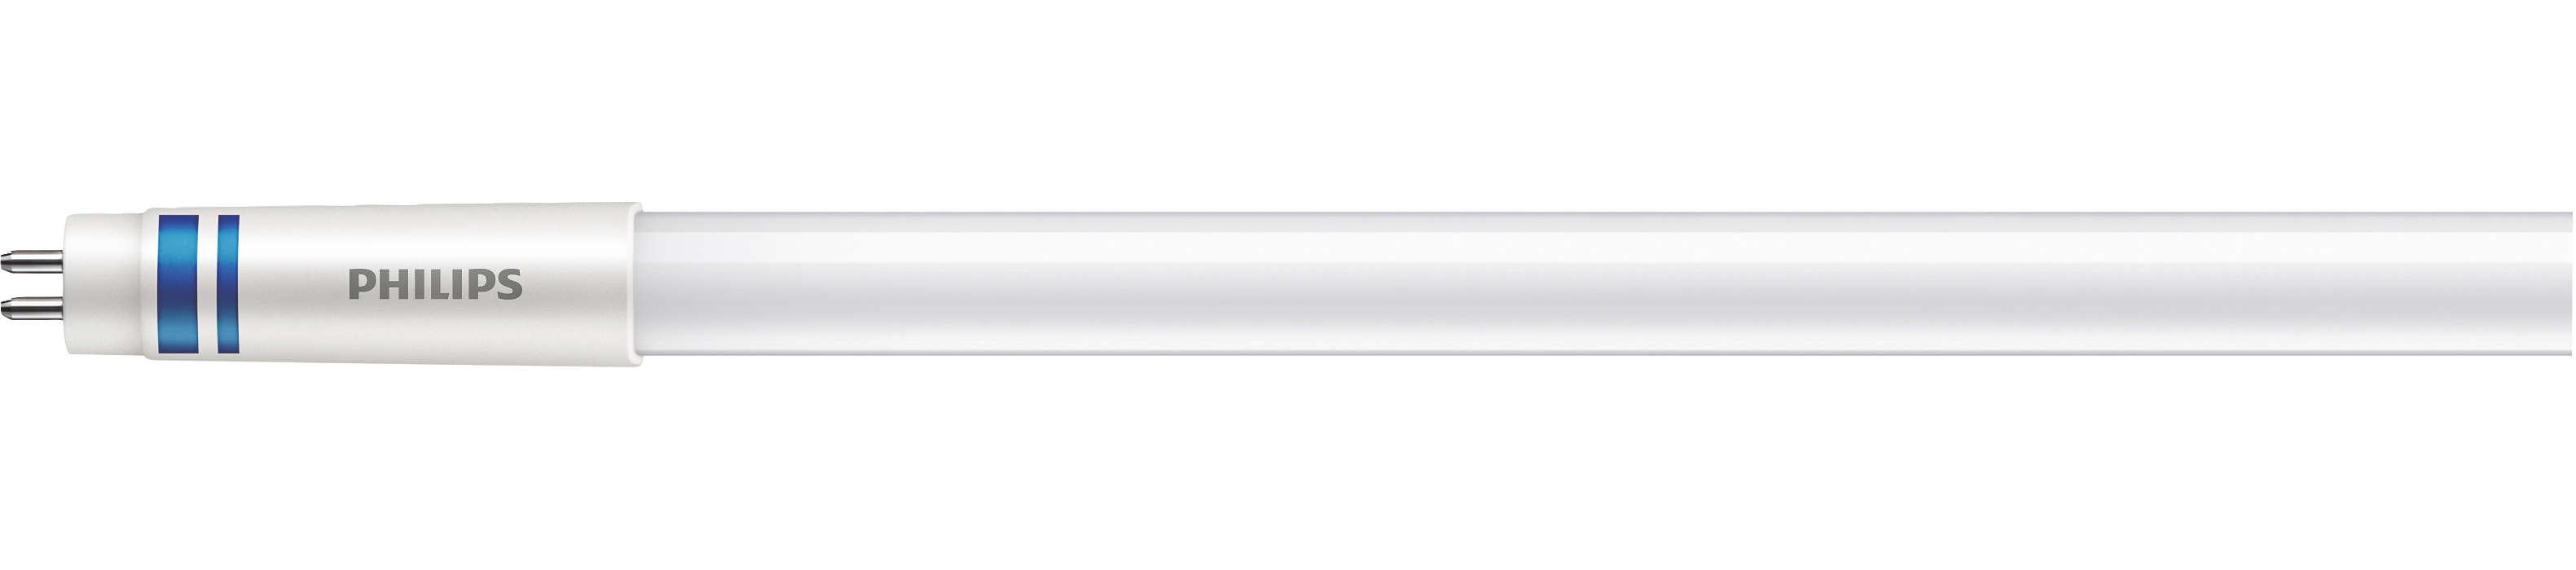 Nowa generacja energooszczędnego oświetlenia świetlówkowego T5